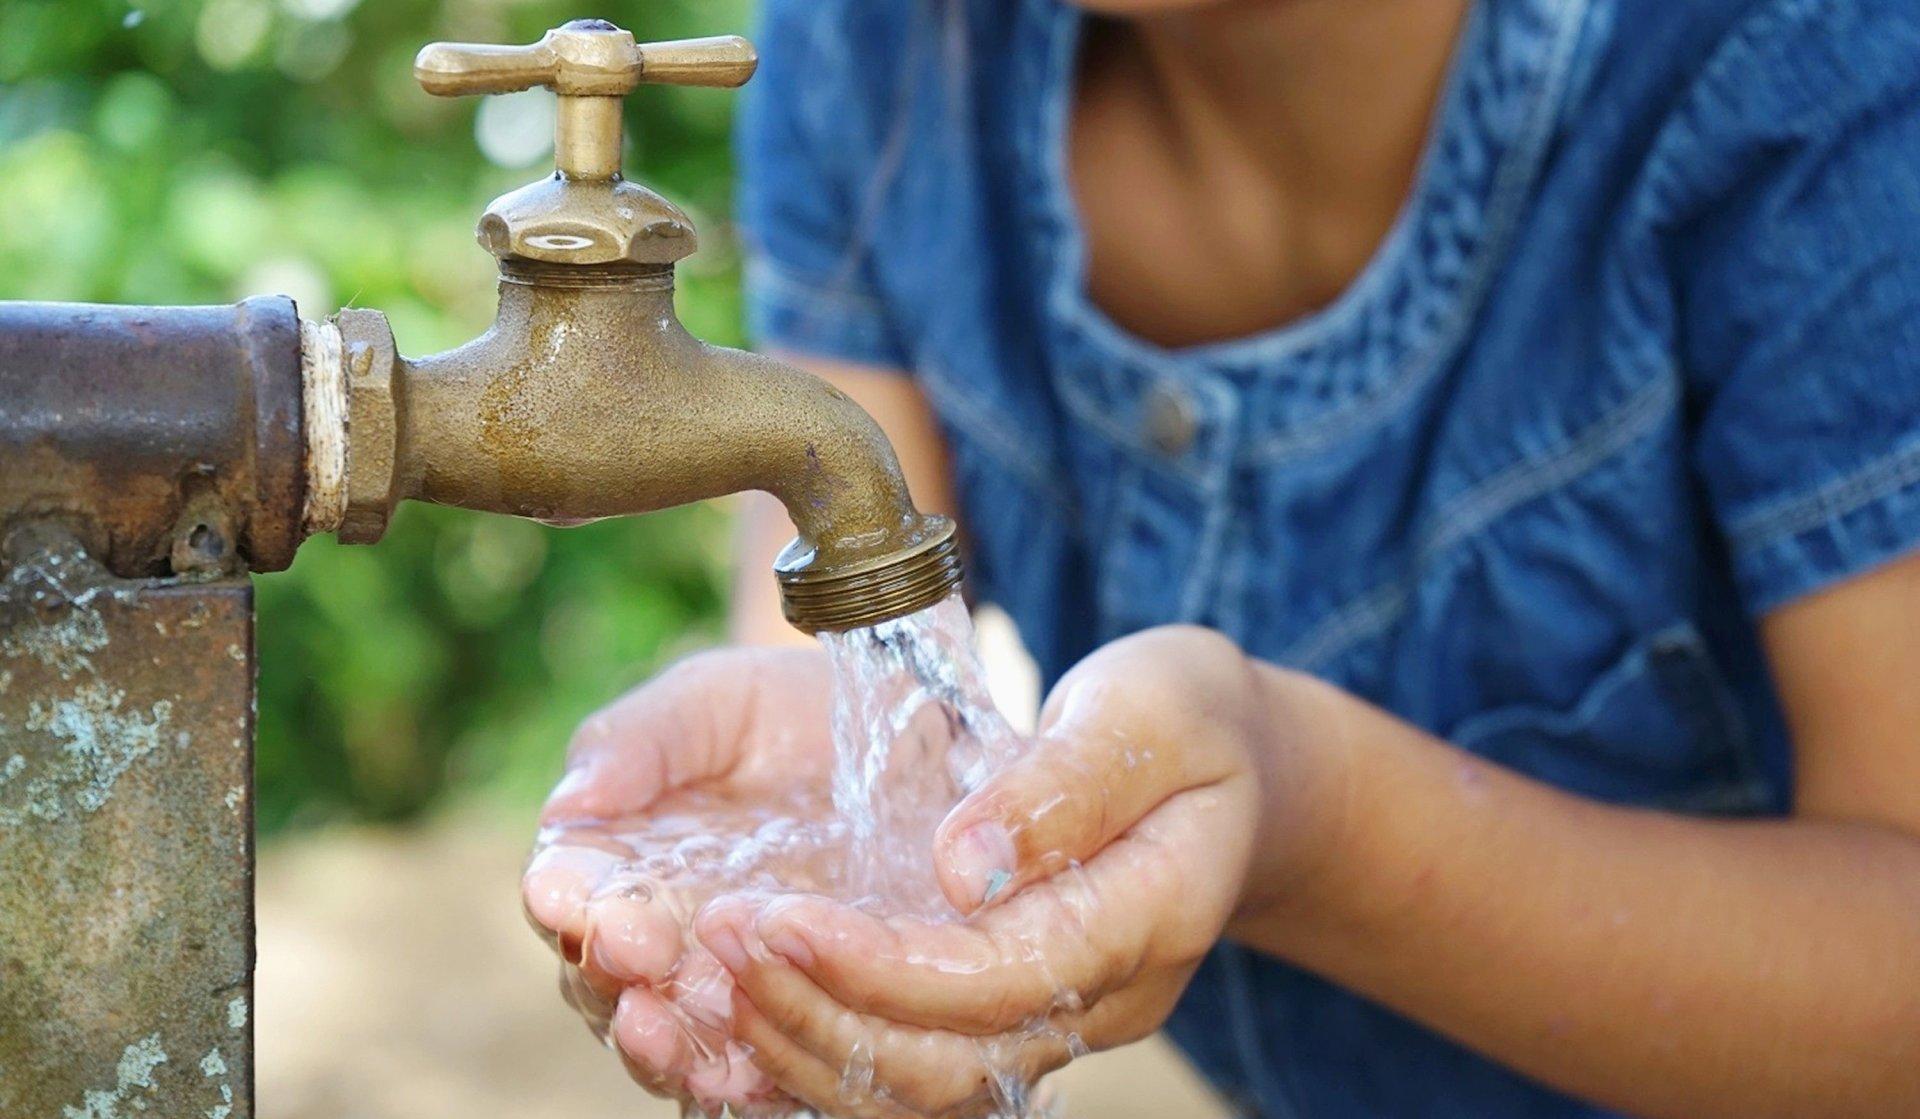 Pourquoi l'eau contaminée au chlorothalonil est considérée potable